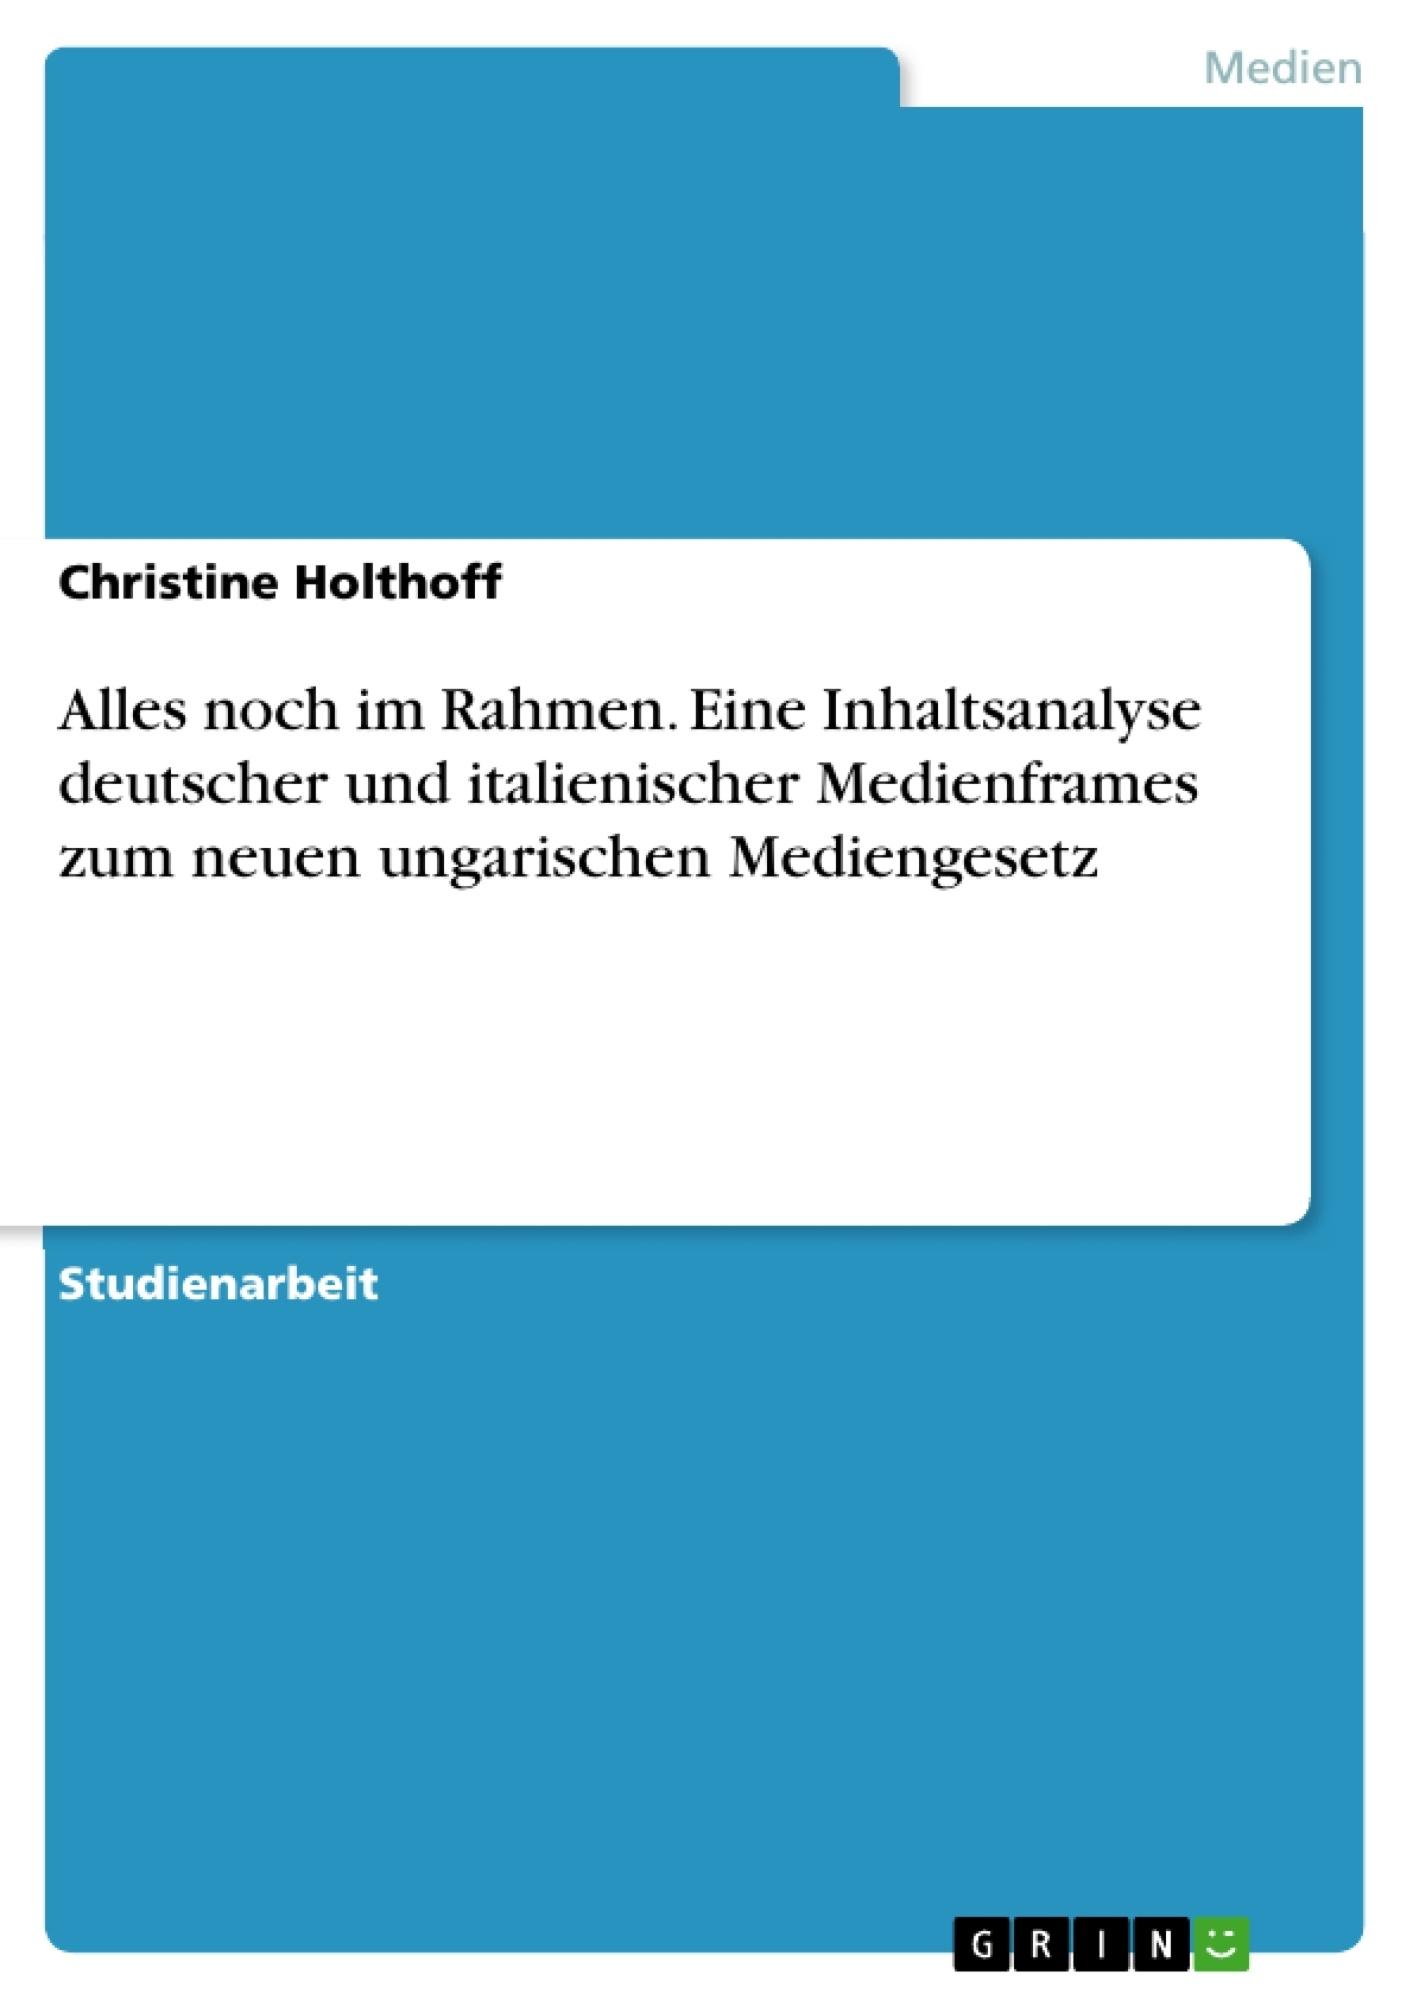 Titel: Alles noch im Rahmen. Eine Inhaltsanalyse deutscher und italienischer Medienframes zum neuen ungarischen Mediengesetz